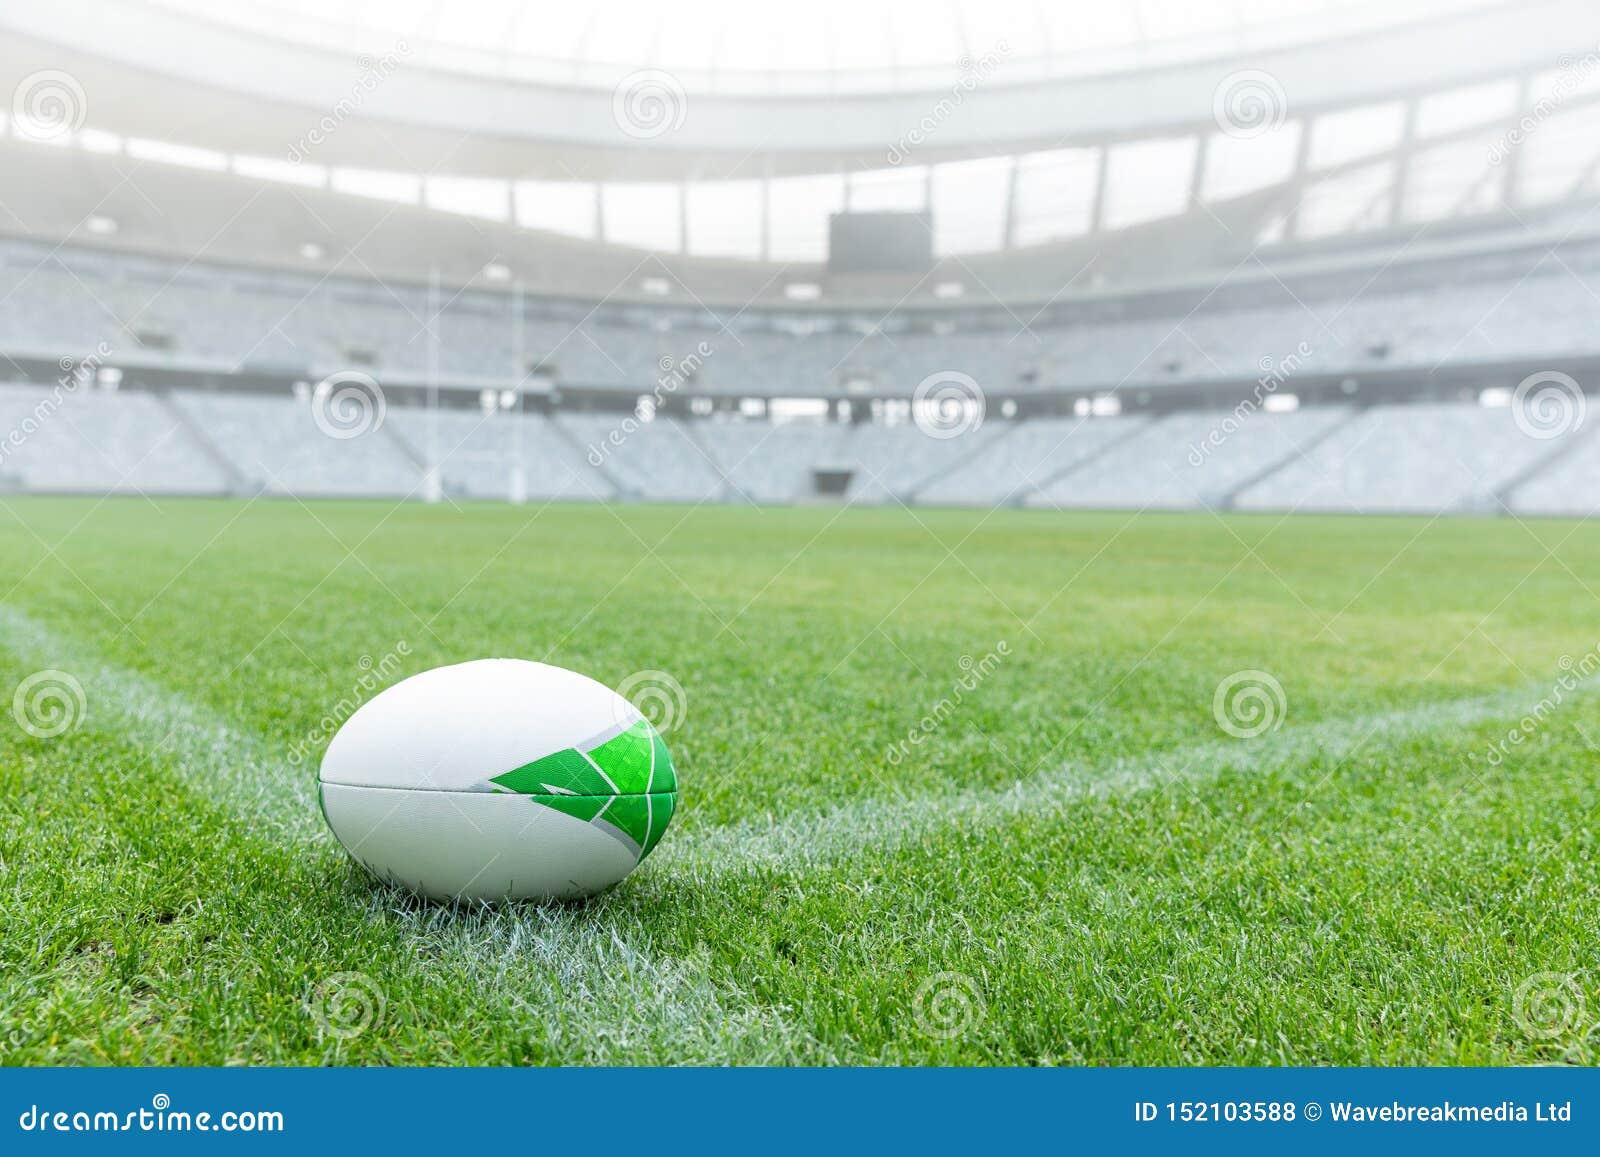 Rugbyball auf einem Gras im Stadion